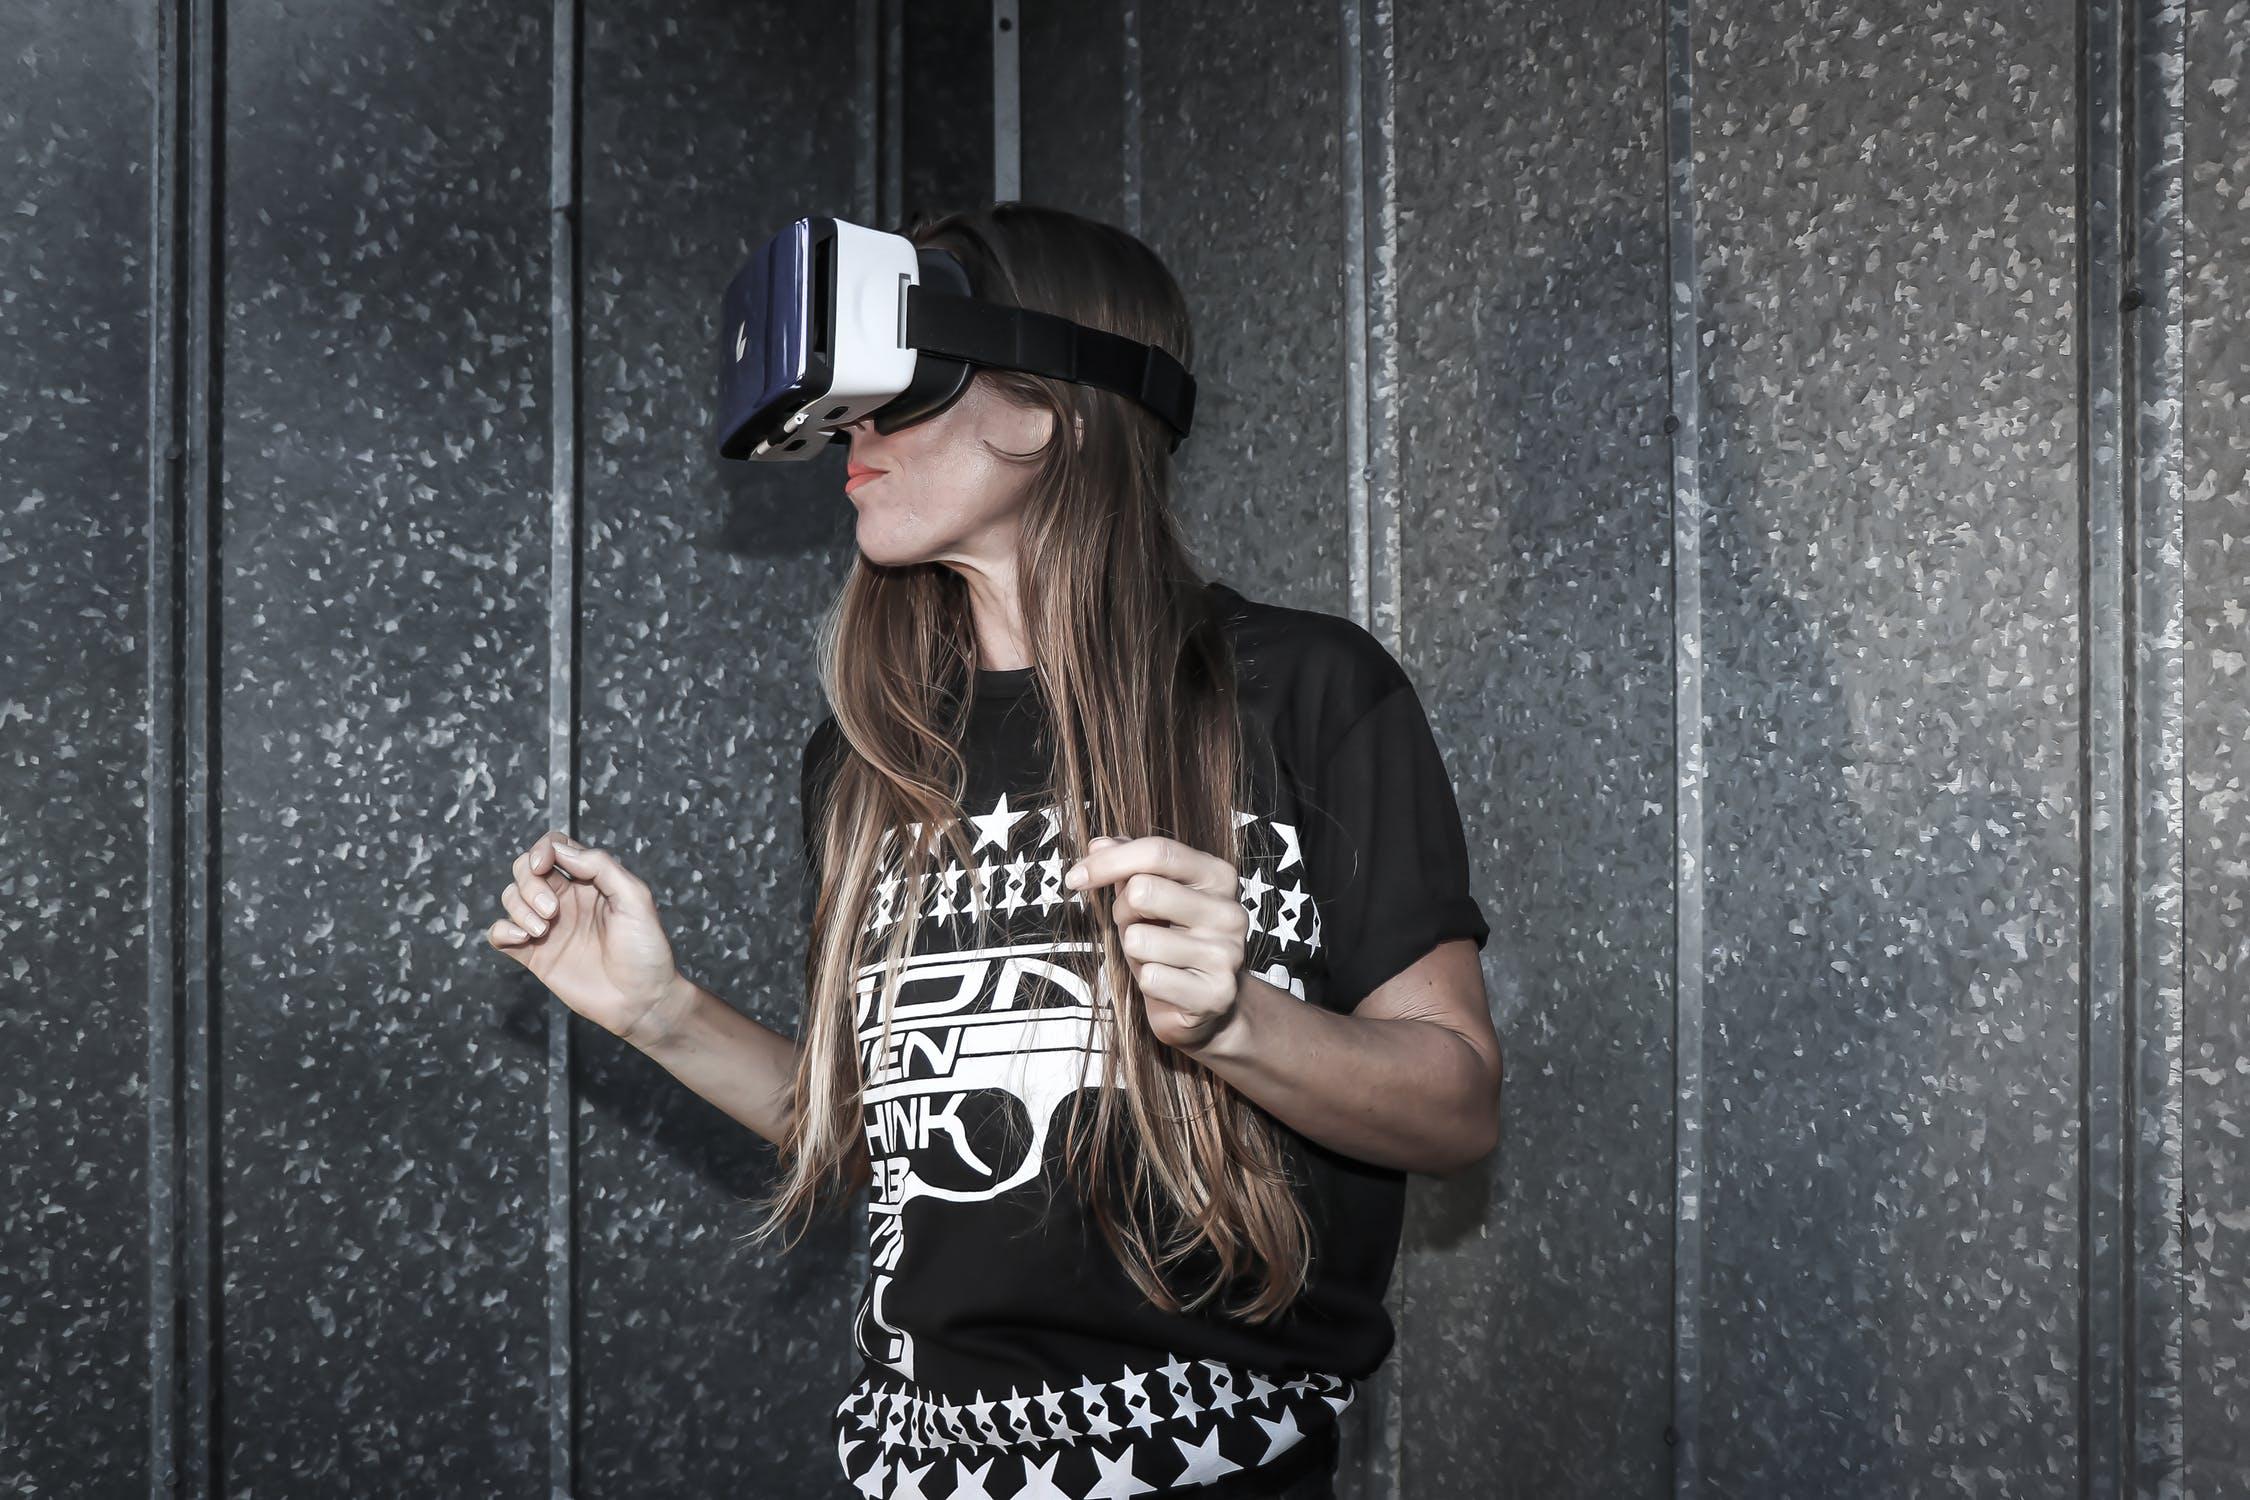 VR Stratford